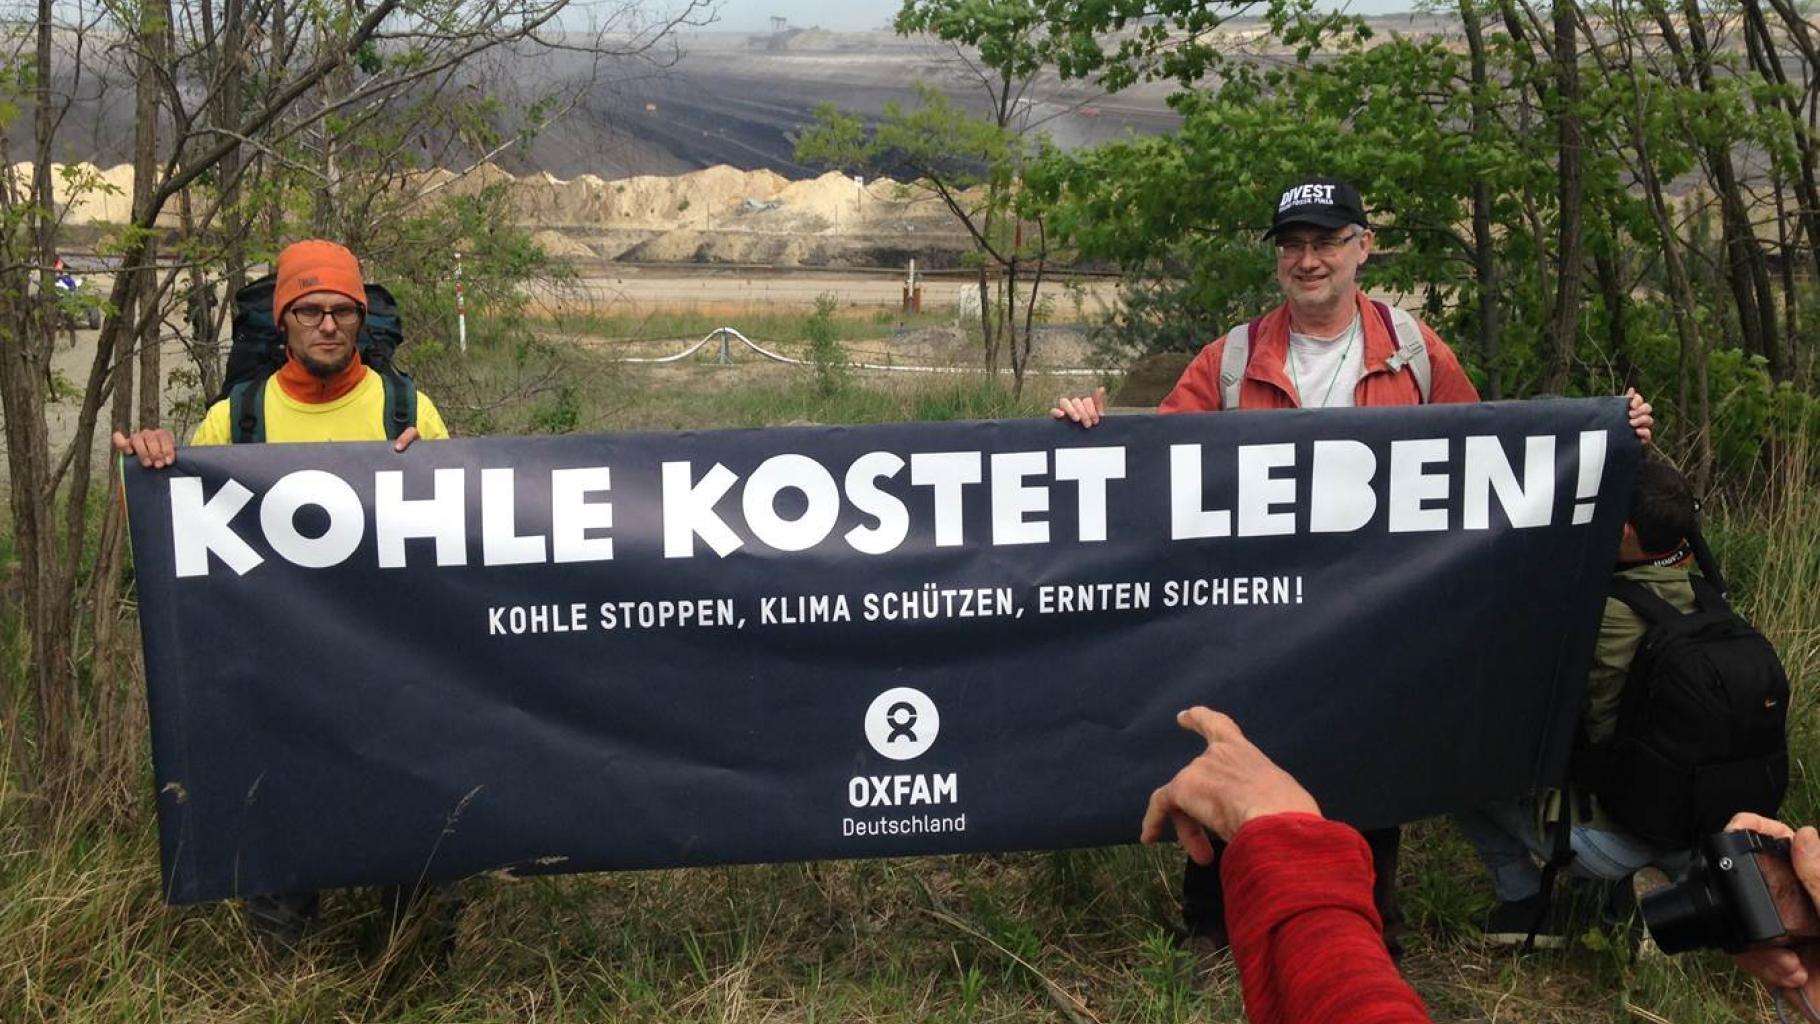 Oxfam auf der Anti-Kohle-Demo in der Lausitz im Mai 2016